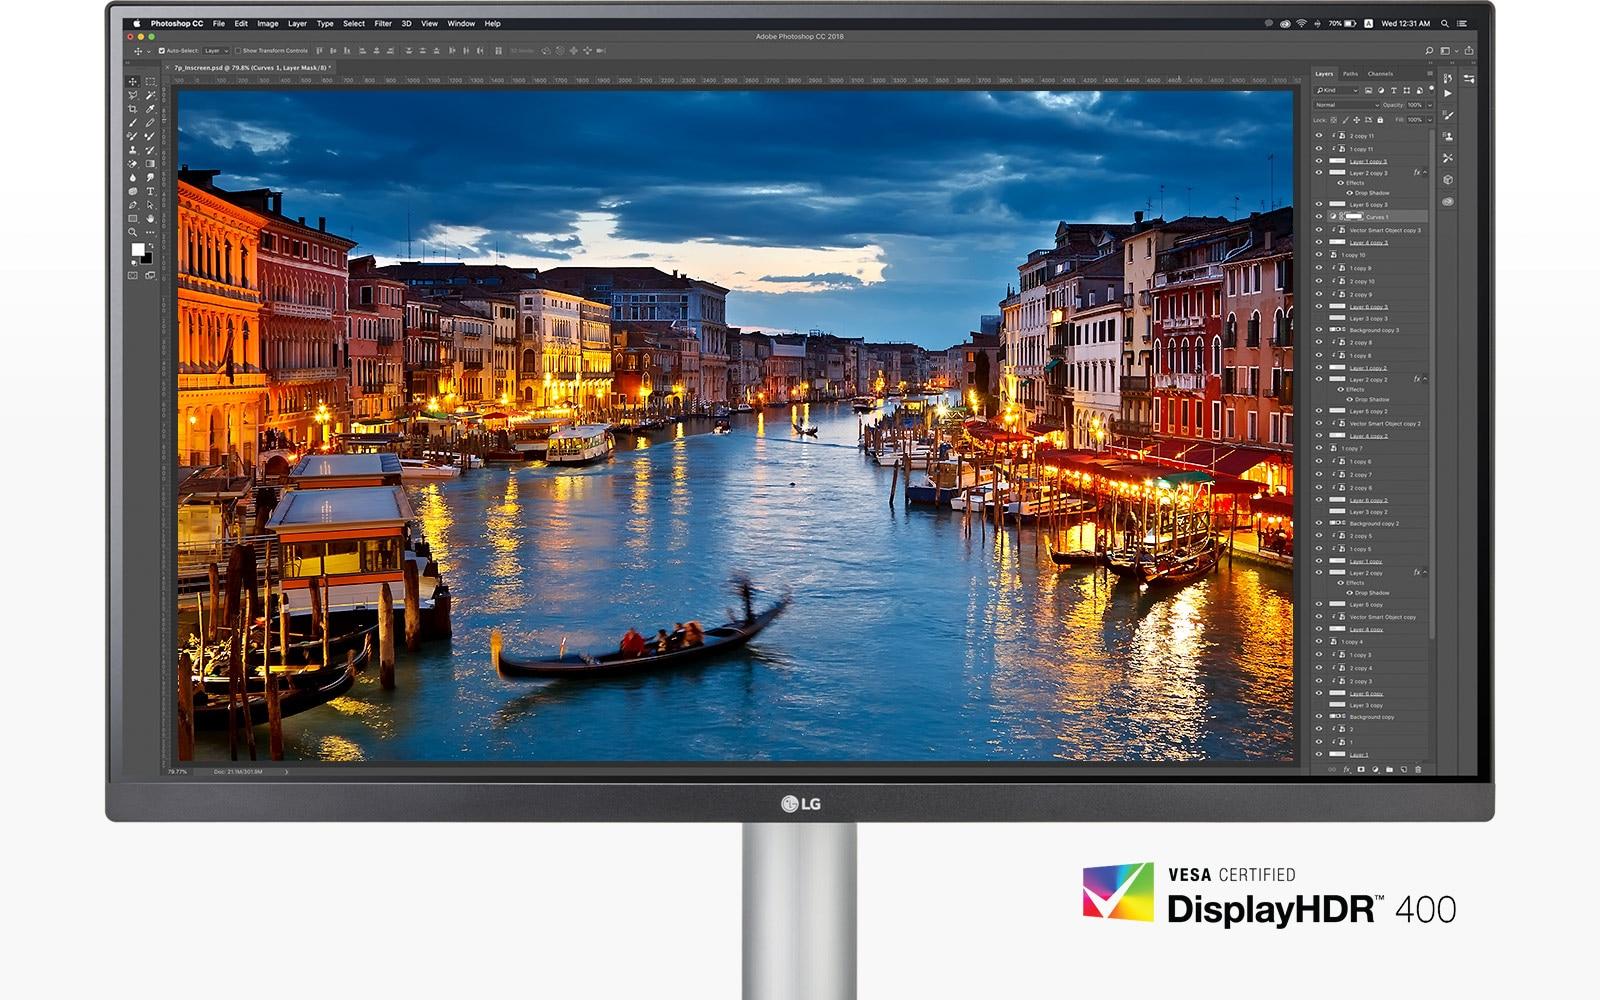 Màn hình với VESA DisplayHDR™ 400 cho phép người xem đắm mình trong hình ảnh ấn tượng